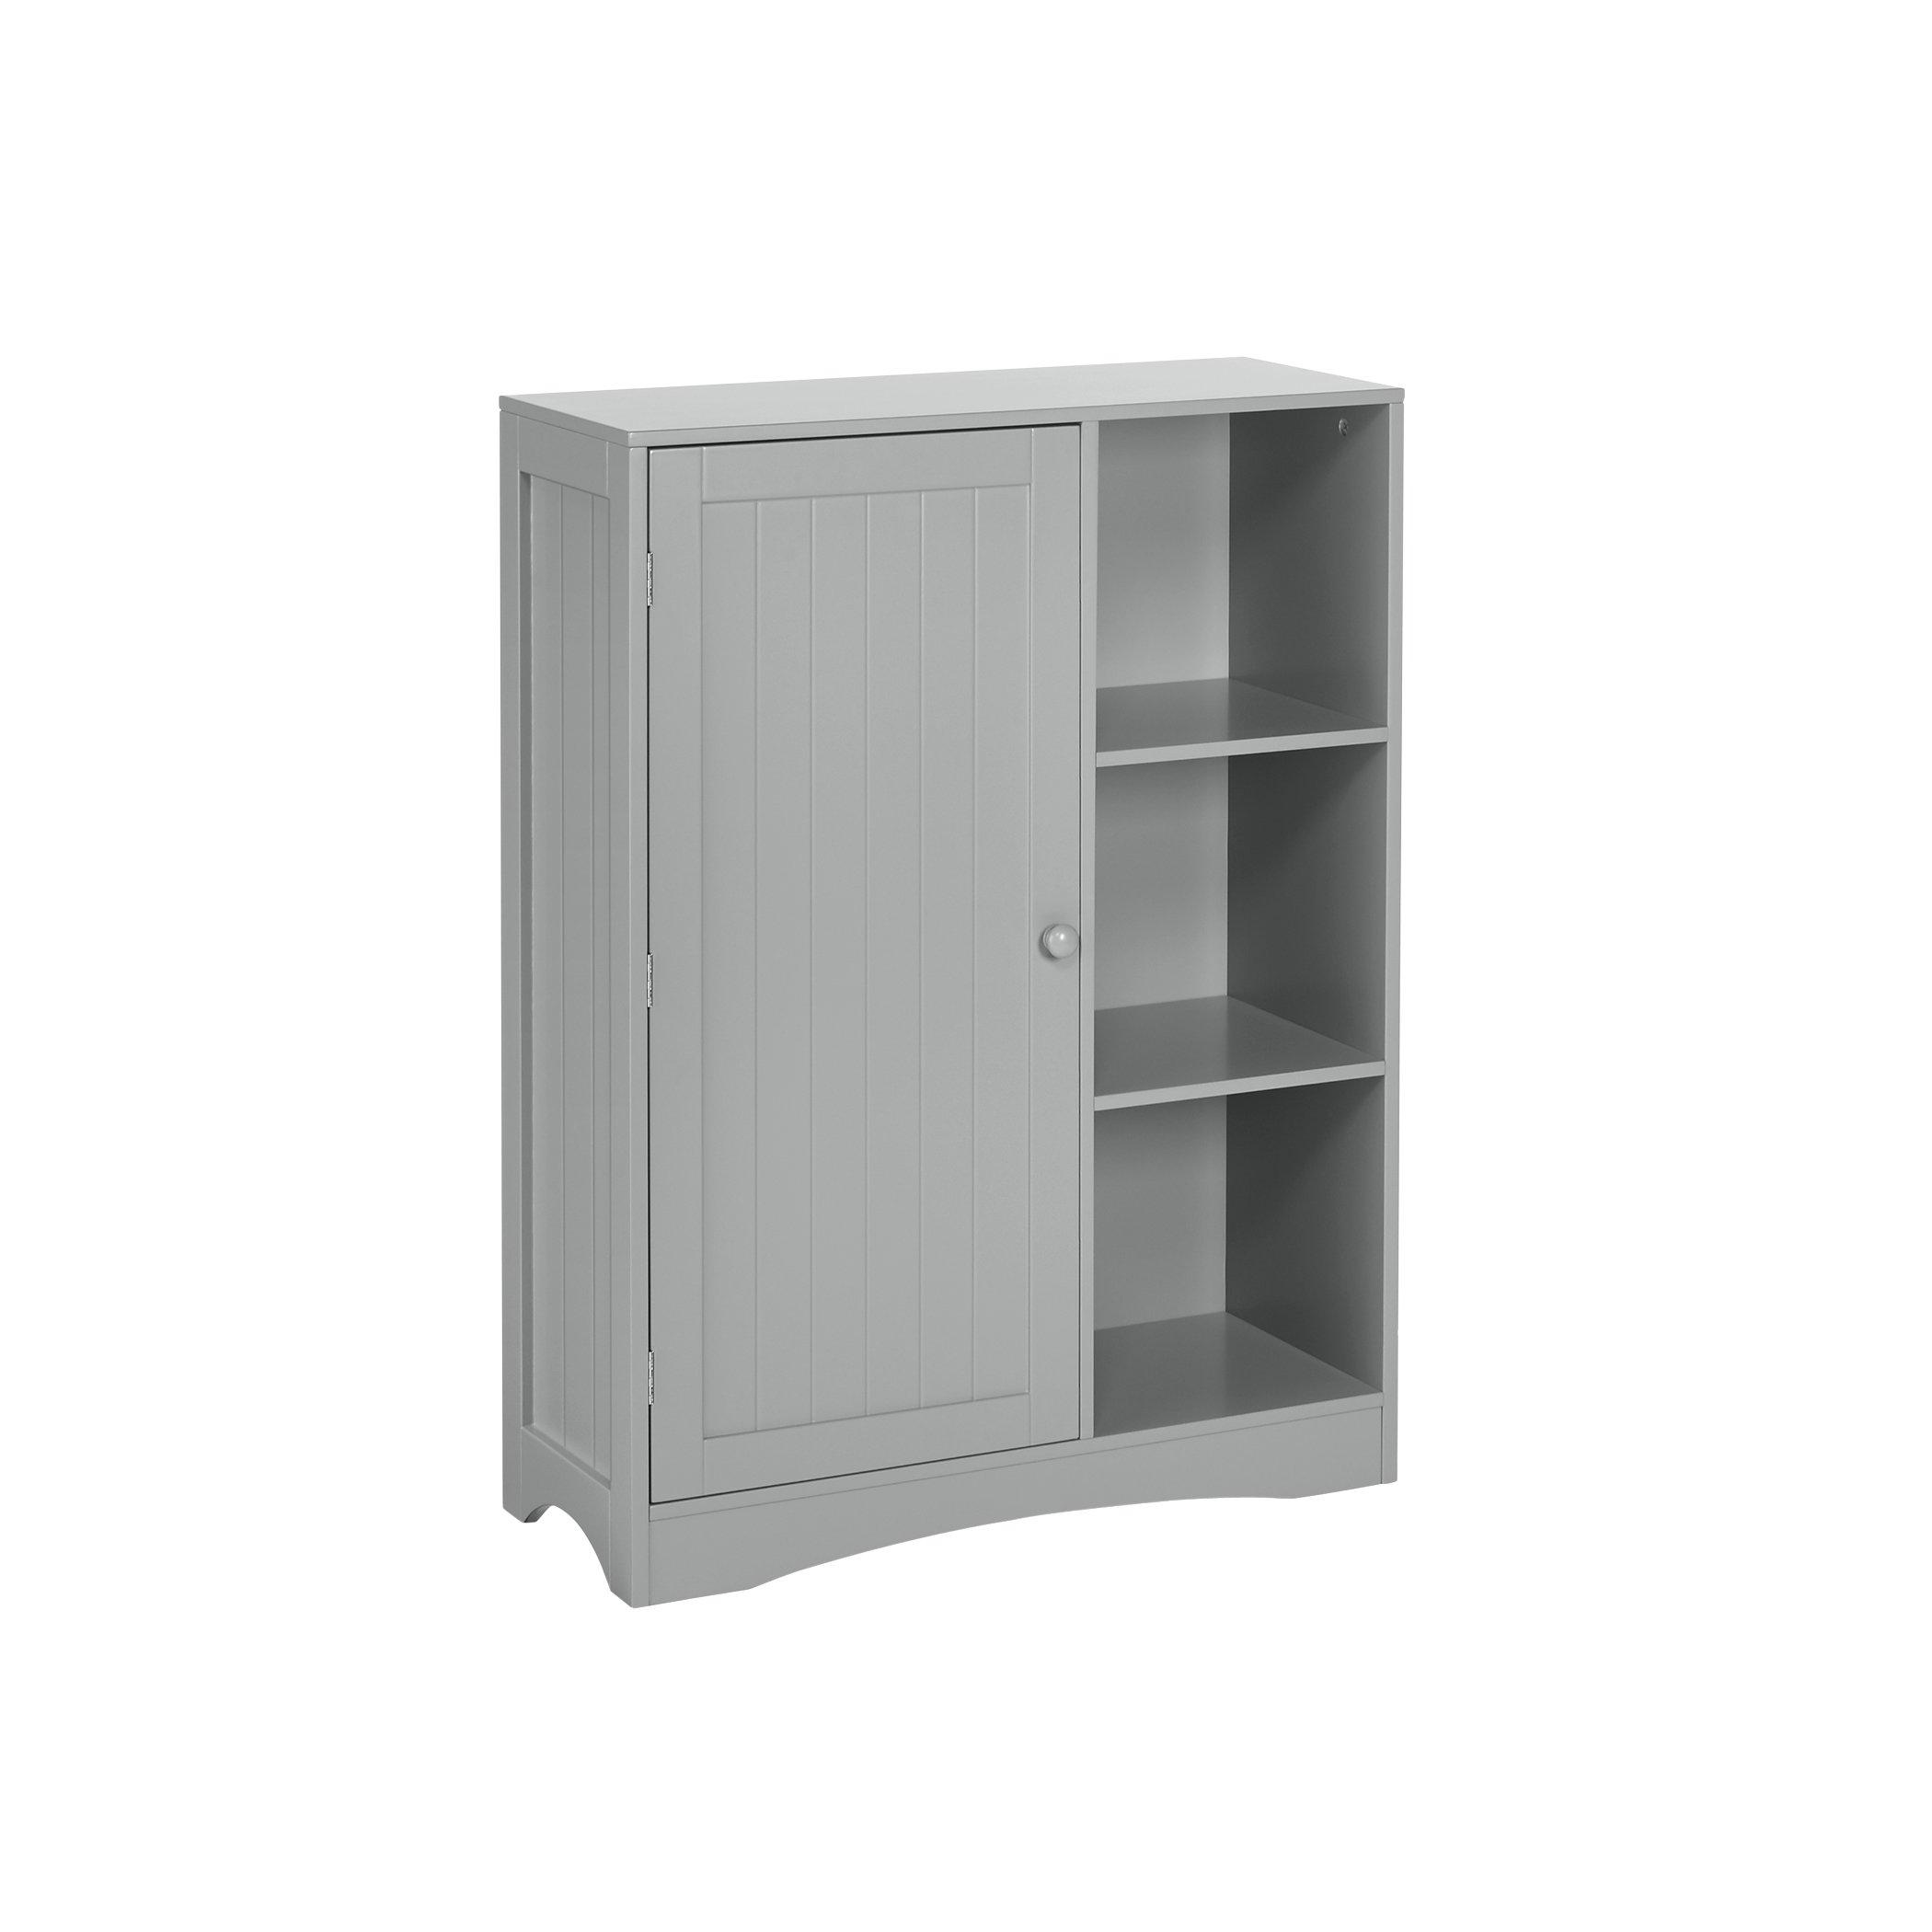 RiverRidge 02-143 Single Door, 3-Cubby Kids Floor Cabinet, Gray